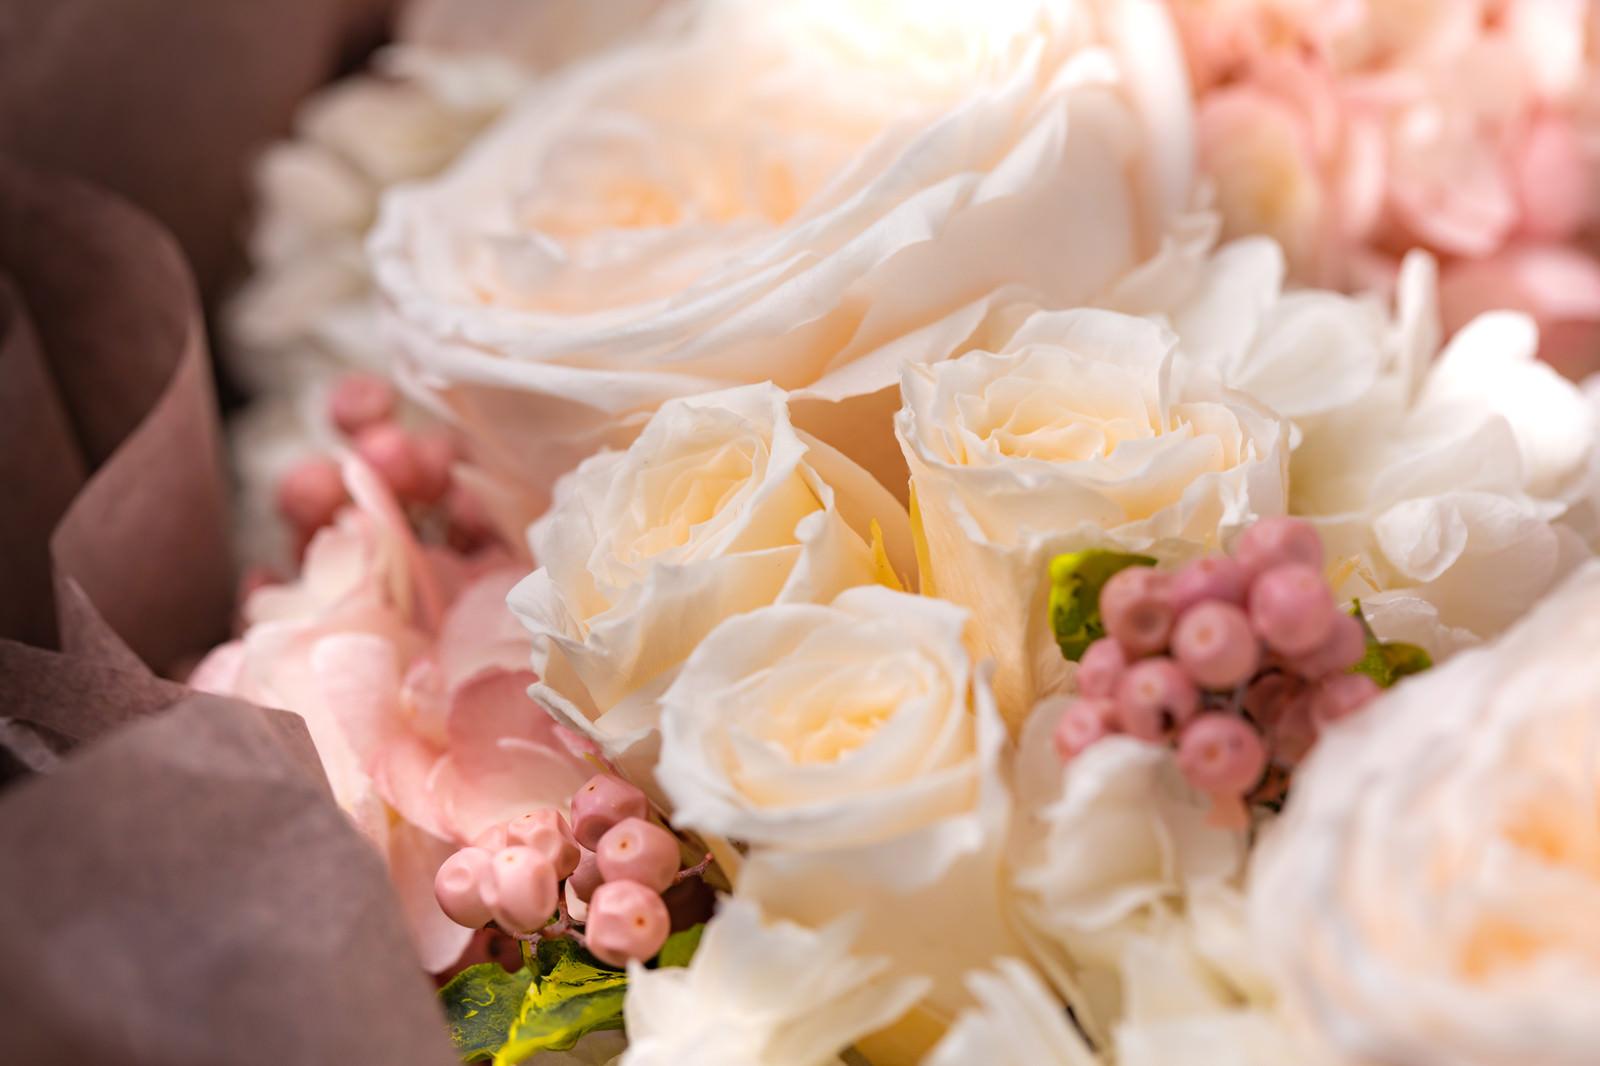 「愛情たっぷりの花束」の写真